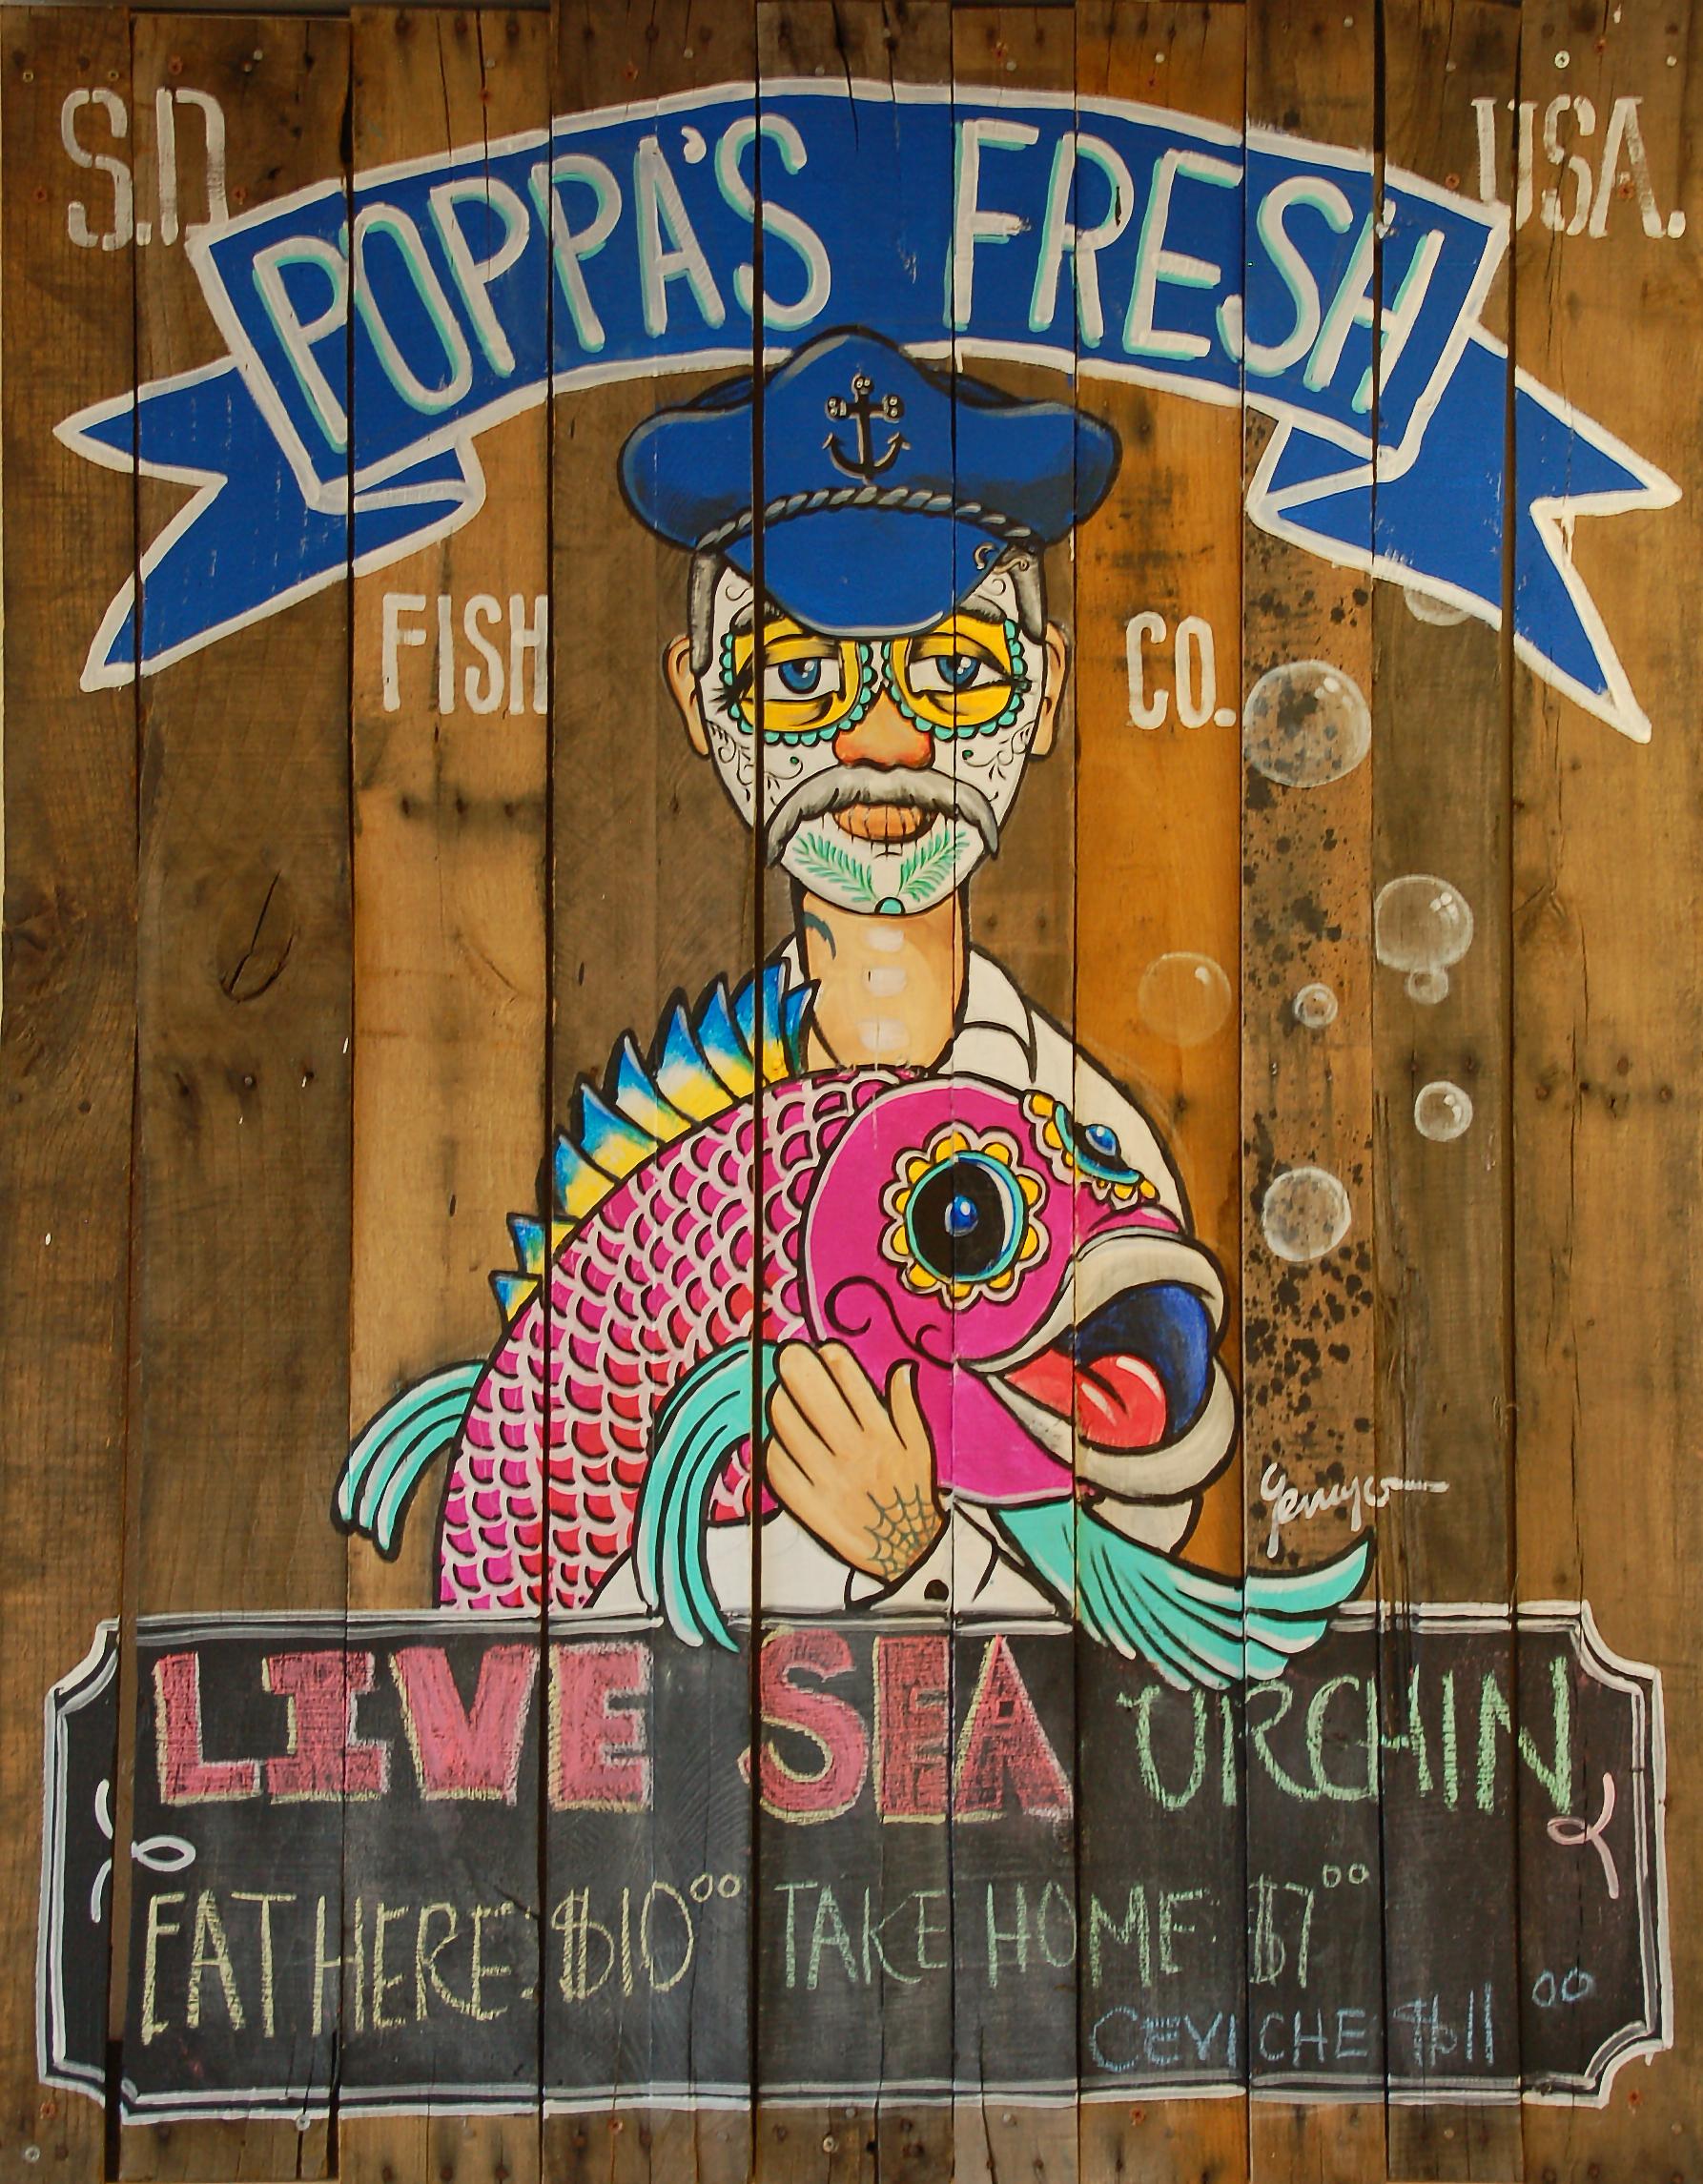 Poppa s fresh fish company mariscos north of the border for The fresh fish company